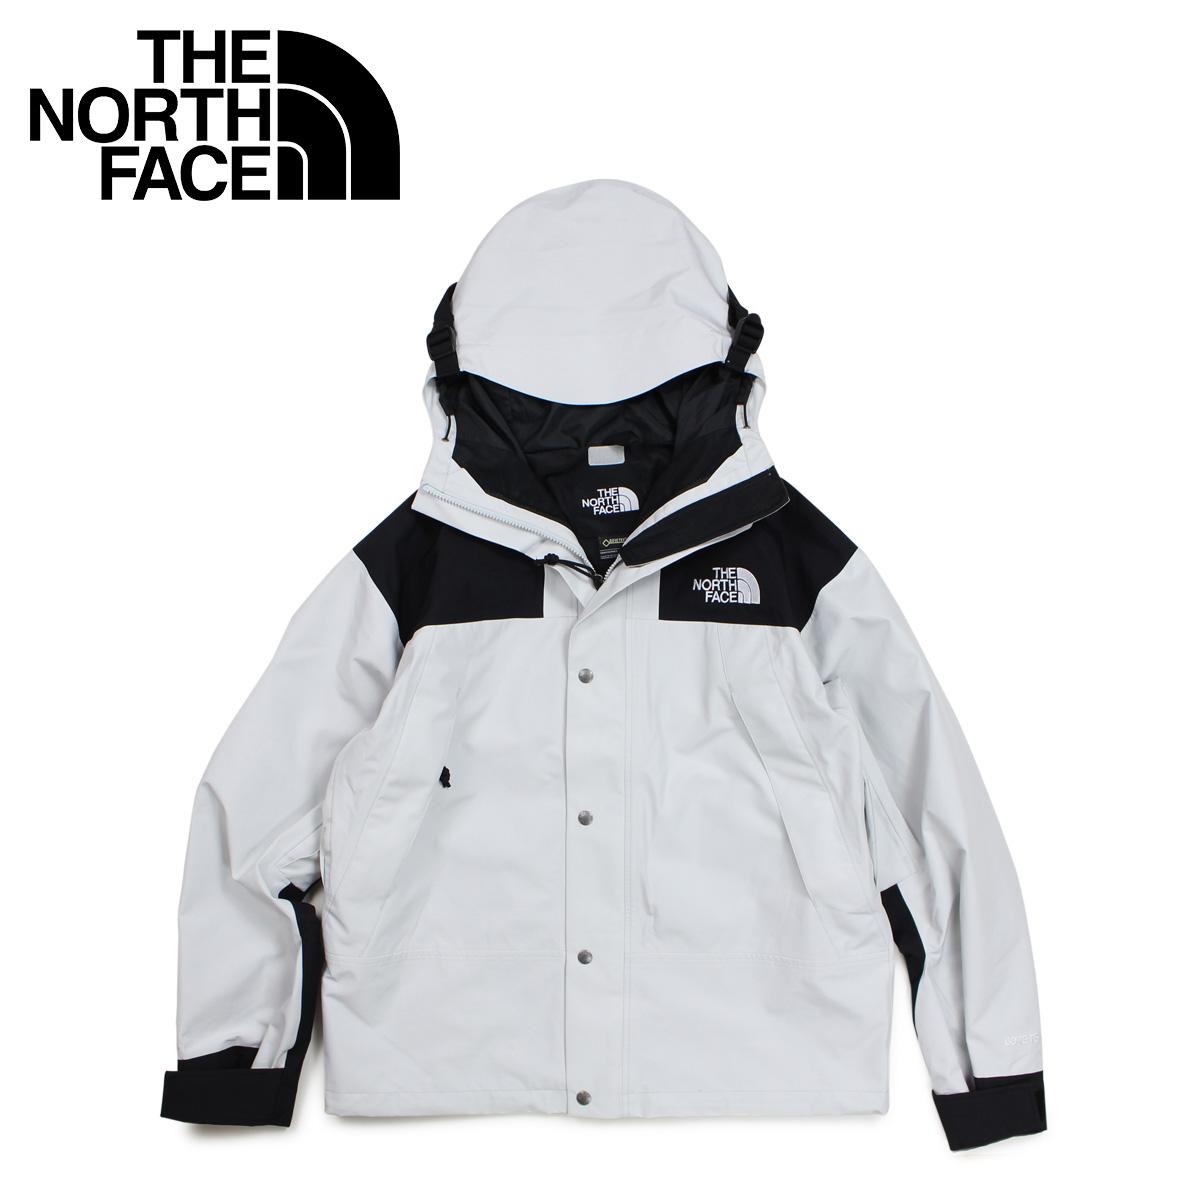 THE NORTH FACE MENS 1990 MOUNTAIN JACKET GTX ノースフェイス ジャケット マウンテンパーカー メンズ ゴアテックス グレー NF0A3XCO9B8 [4/1 新入荷]